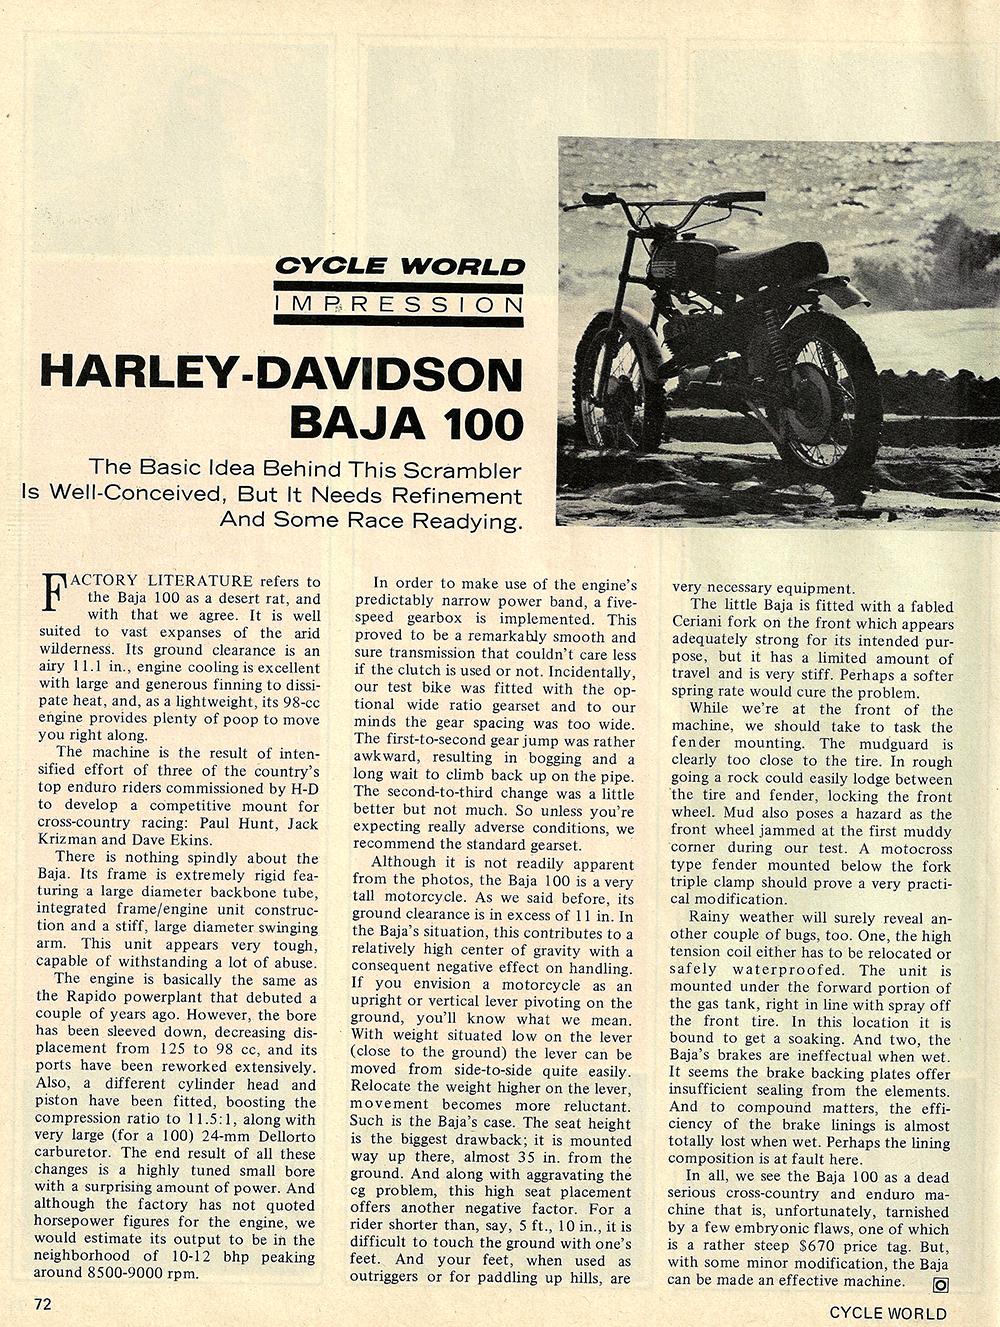 1970 Harley davidson baja 100 road test 01.jpg